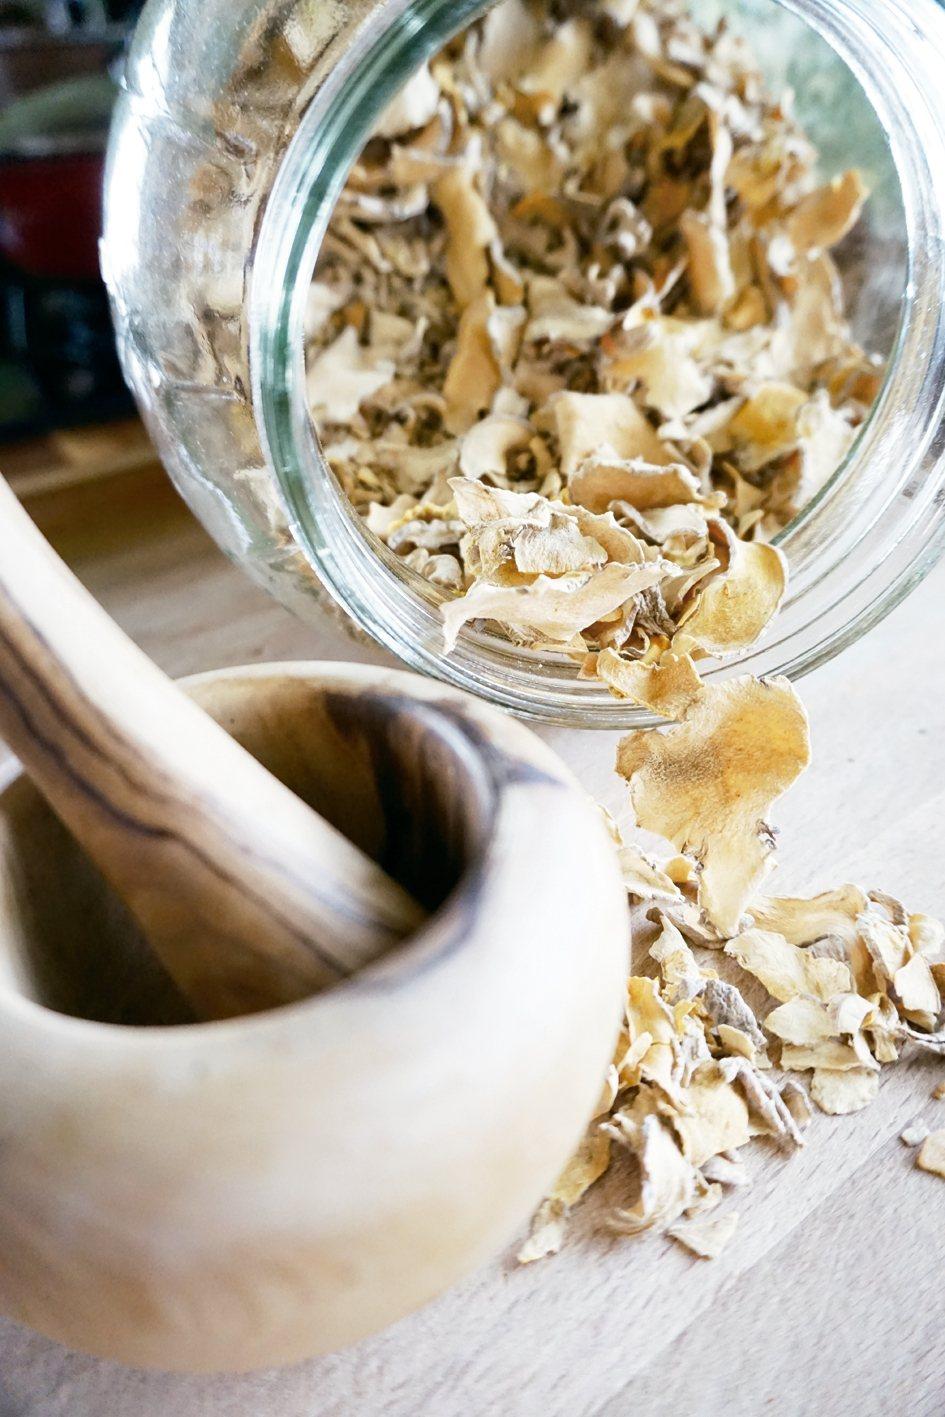 最簡單的薑黃食用法是切片乾炒,去水後保存在玻璃罐中。 朱慧芳